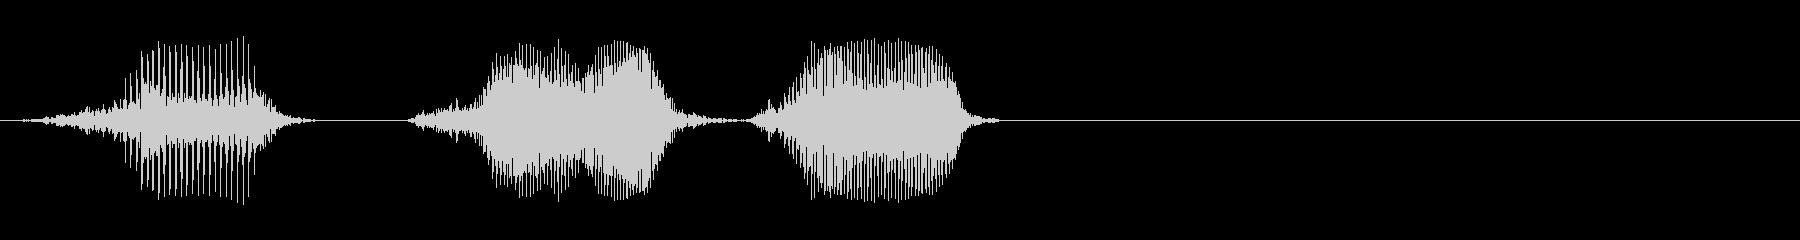 80(はちじゅっ)の未再生の波形